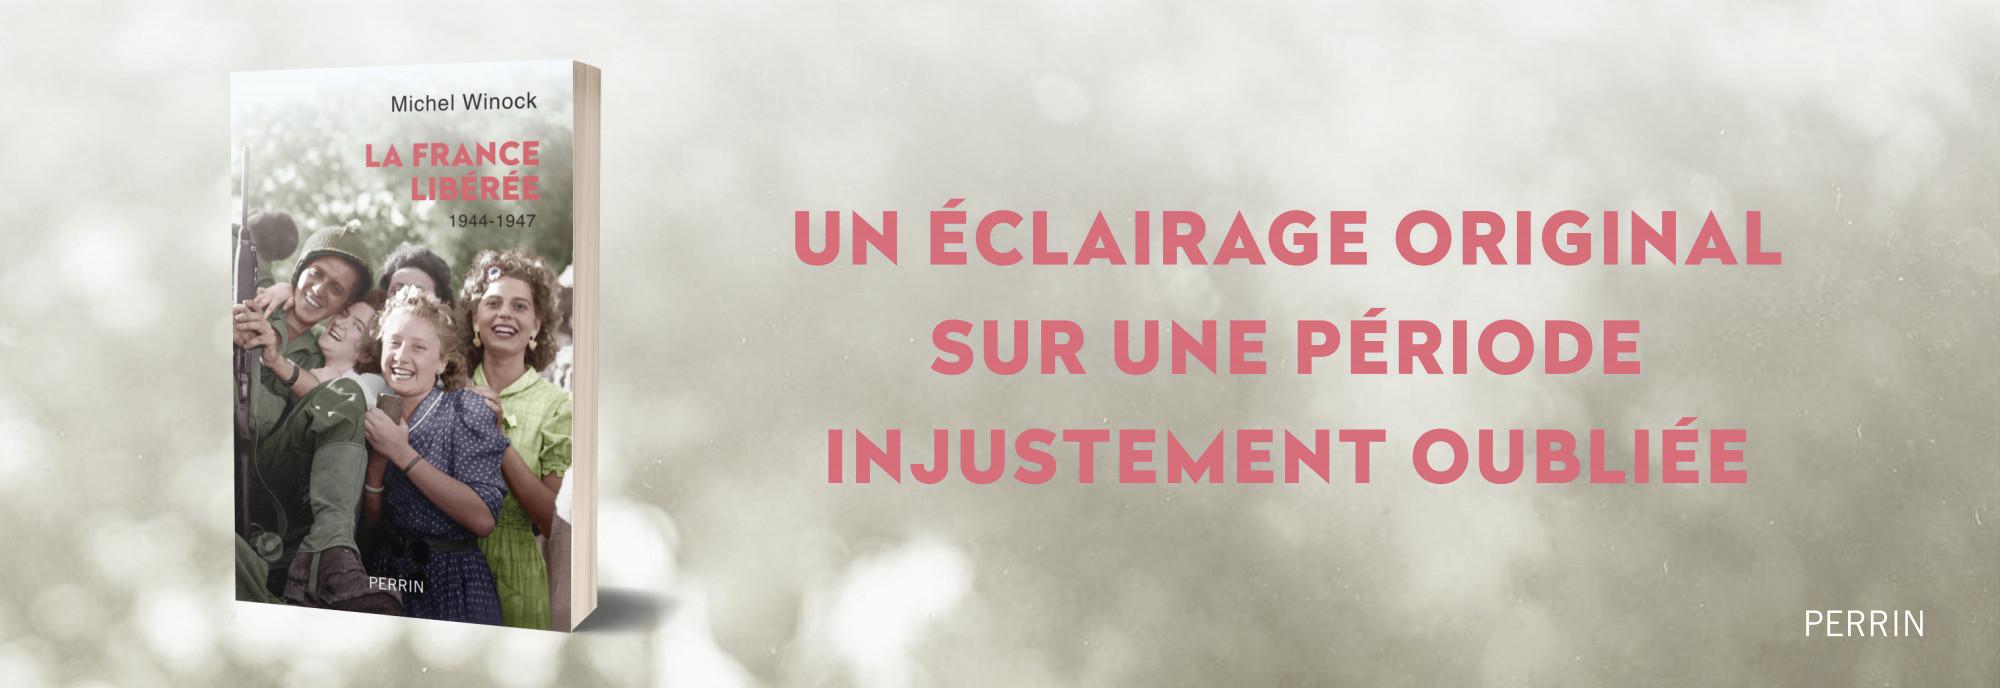 7468_1_Slider_1099x378px_La_France_liberee.jpg